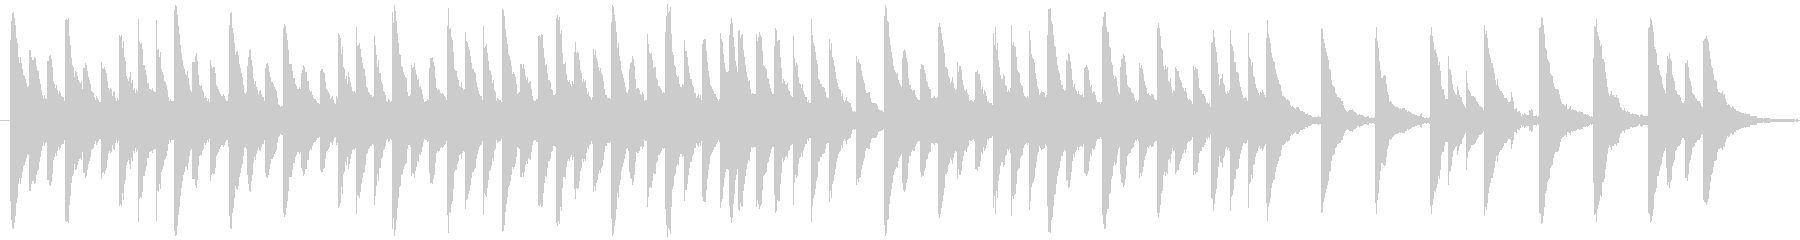 ホラー風なオルゴール曲の未再生の波形